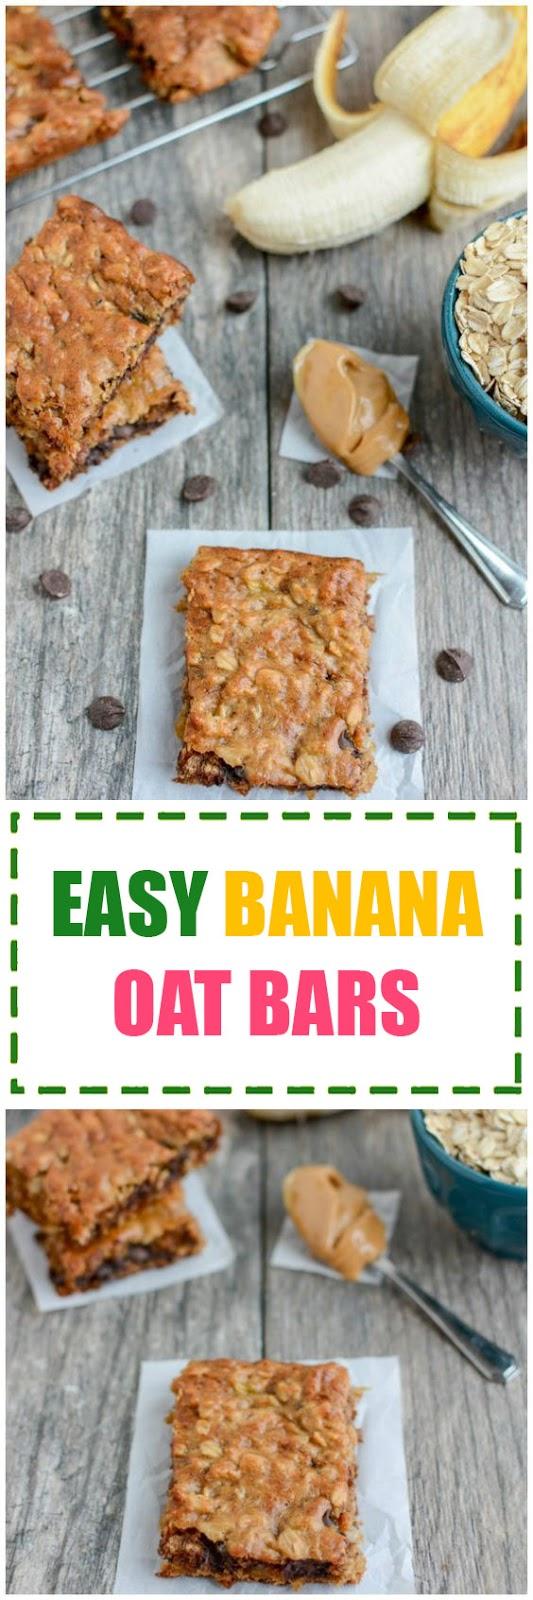 Easy Banana Oat Bars